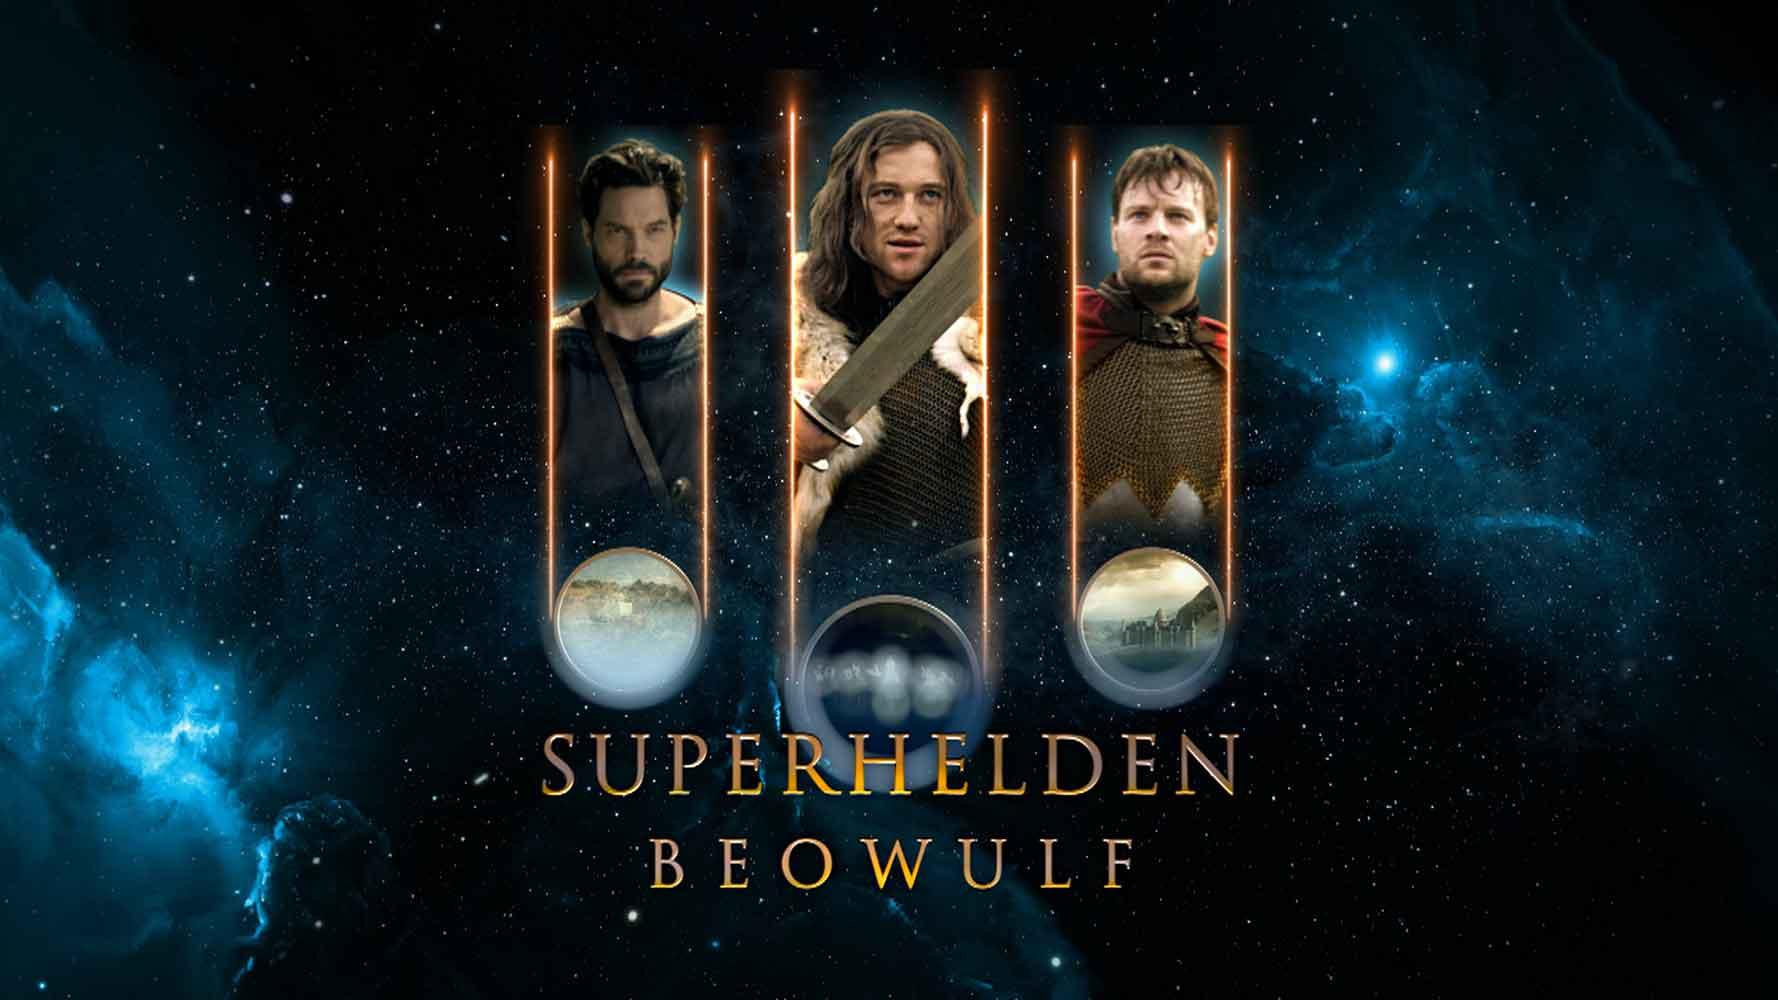 Superhelden: Beowulf